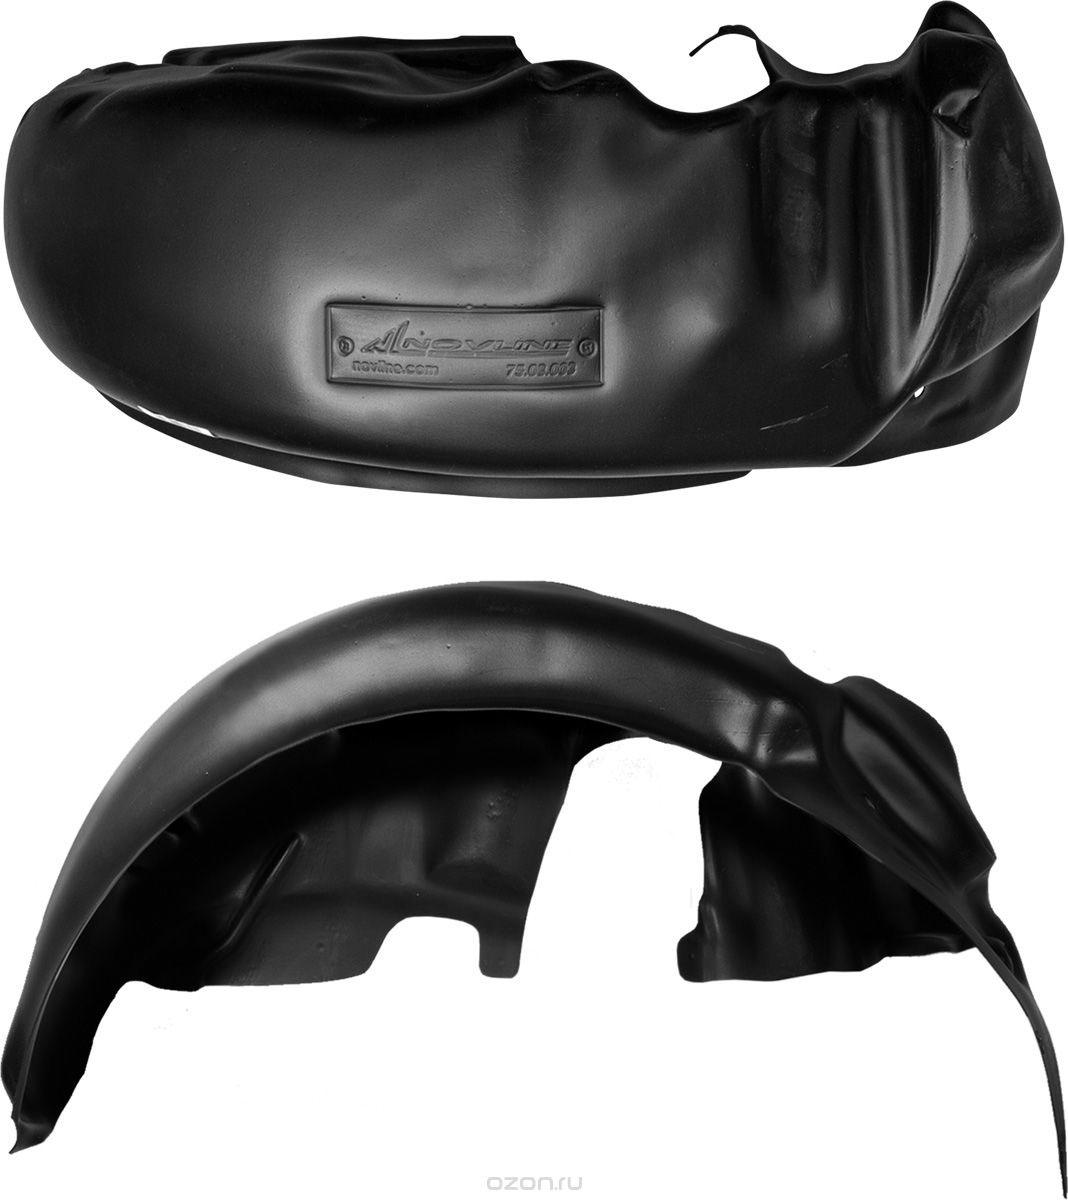 Подкрылок Novline-Autofamily, для ВАЗ 2105,07 1982-2010, б/б, передний левый000414Идеальная защита колесной ниши. Локеры разработаны с применением цифровых технологий, гарантируют максимальную повторяемость поверхности арки. Изделия устанавливаются без нарушения лакокрасочного покрытия автомобиля, каждый подкрылок комплектуется крепежом. Уважаемые клиенты, обращаем ваше внимание, что фотографии на подкрылки универсальные и не отражают реальную форму изделия. При этом само изделие идет точно под размер указанного автомобиля.